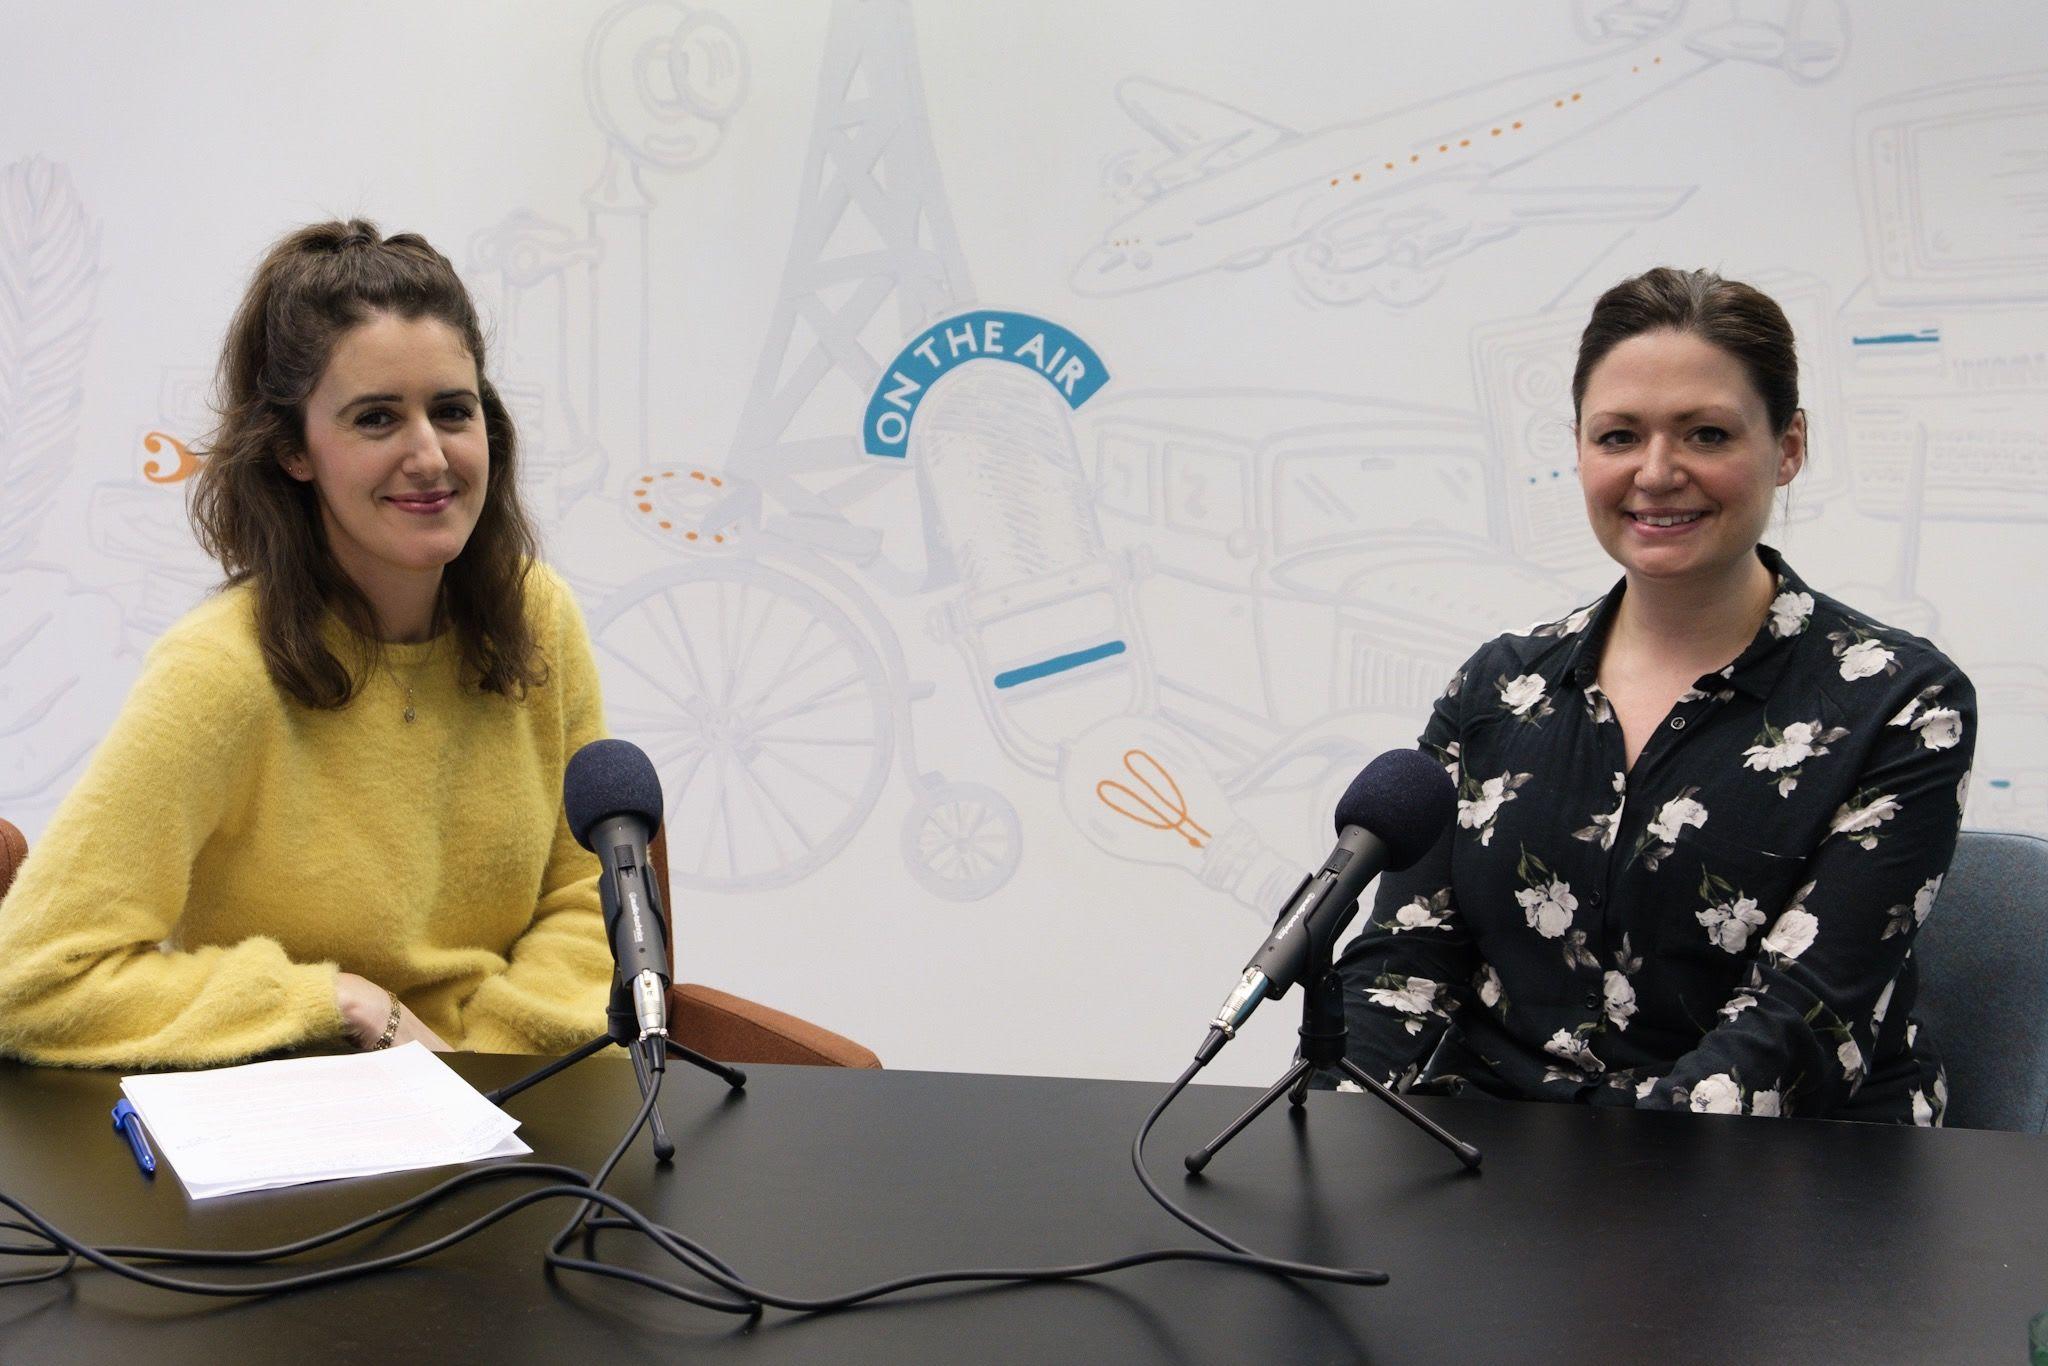 Podcast Awin : Entretien avec Rachel Said, de Genie Goals et présentation de notre experte influenceurs